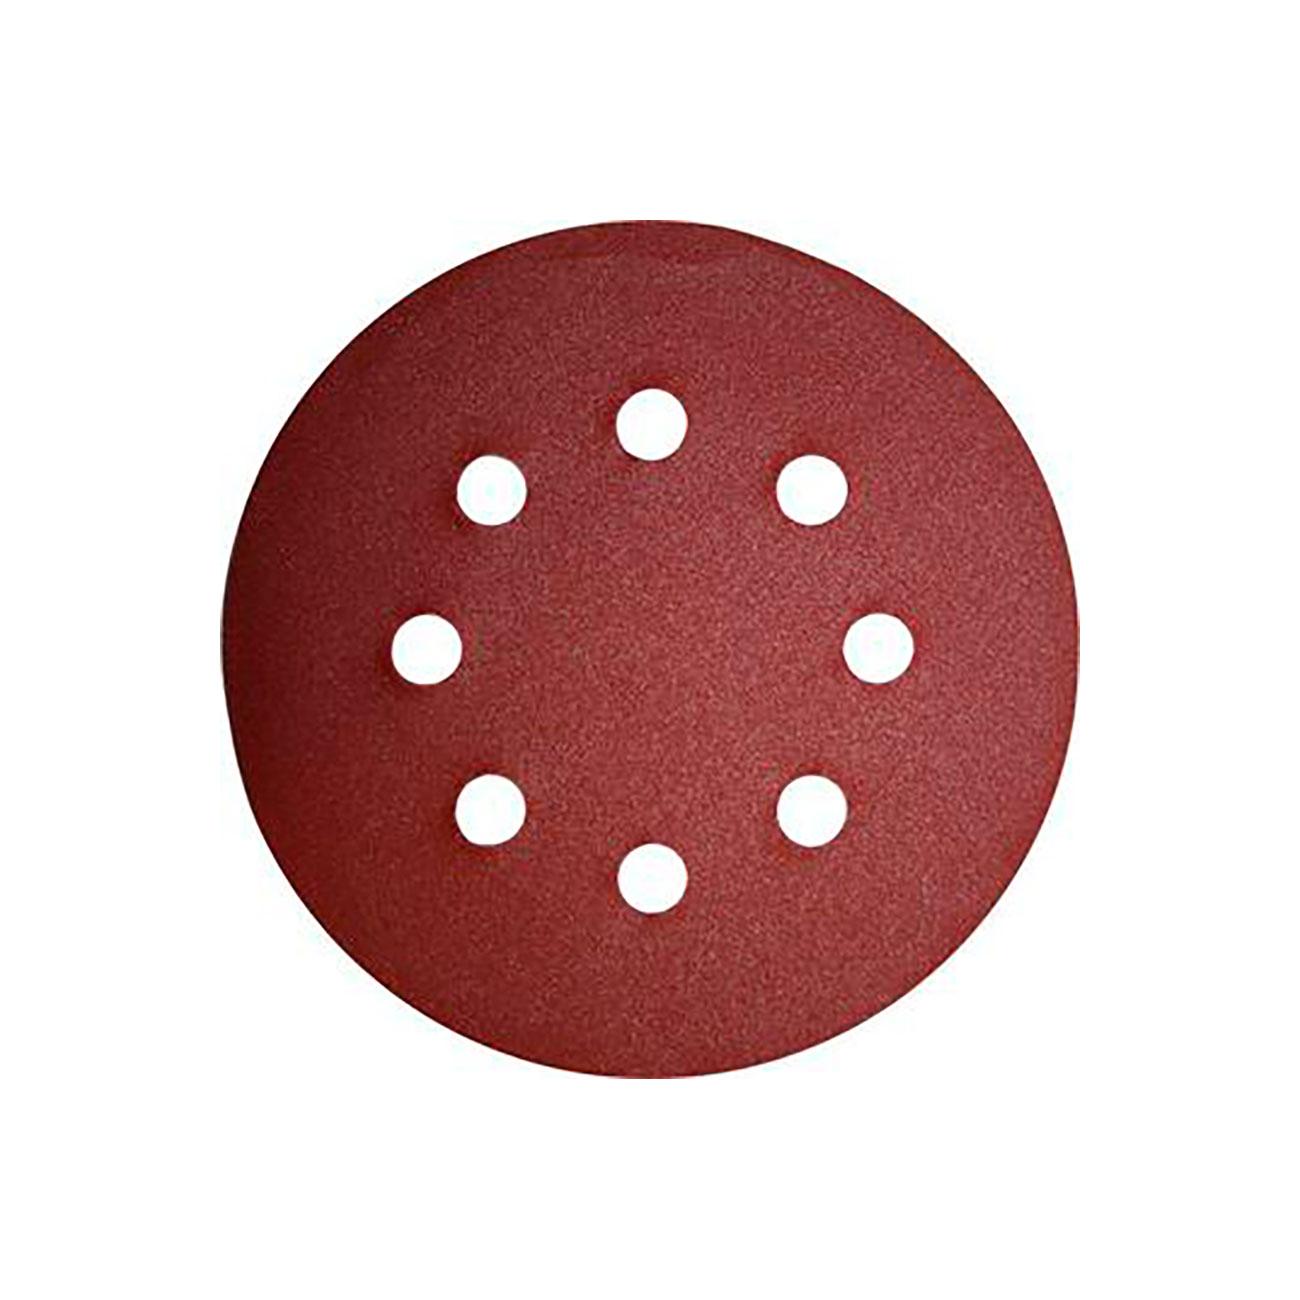 Фото Шлифовальные круги Практика Профи, на липкой основе, Р240, для металла и дерева, 8 отверстий, 125 мм (25 шт) {034-205}